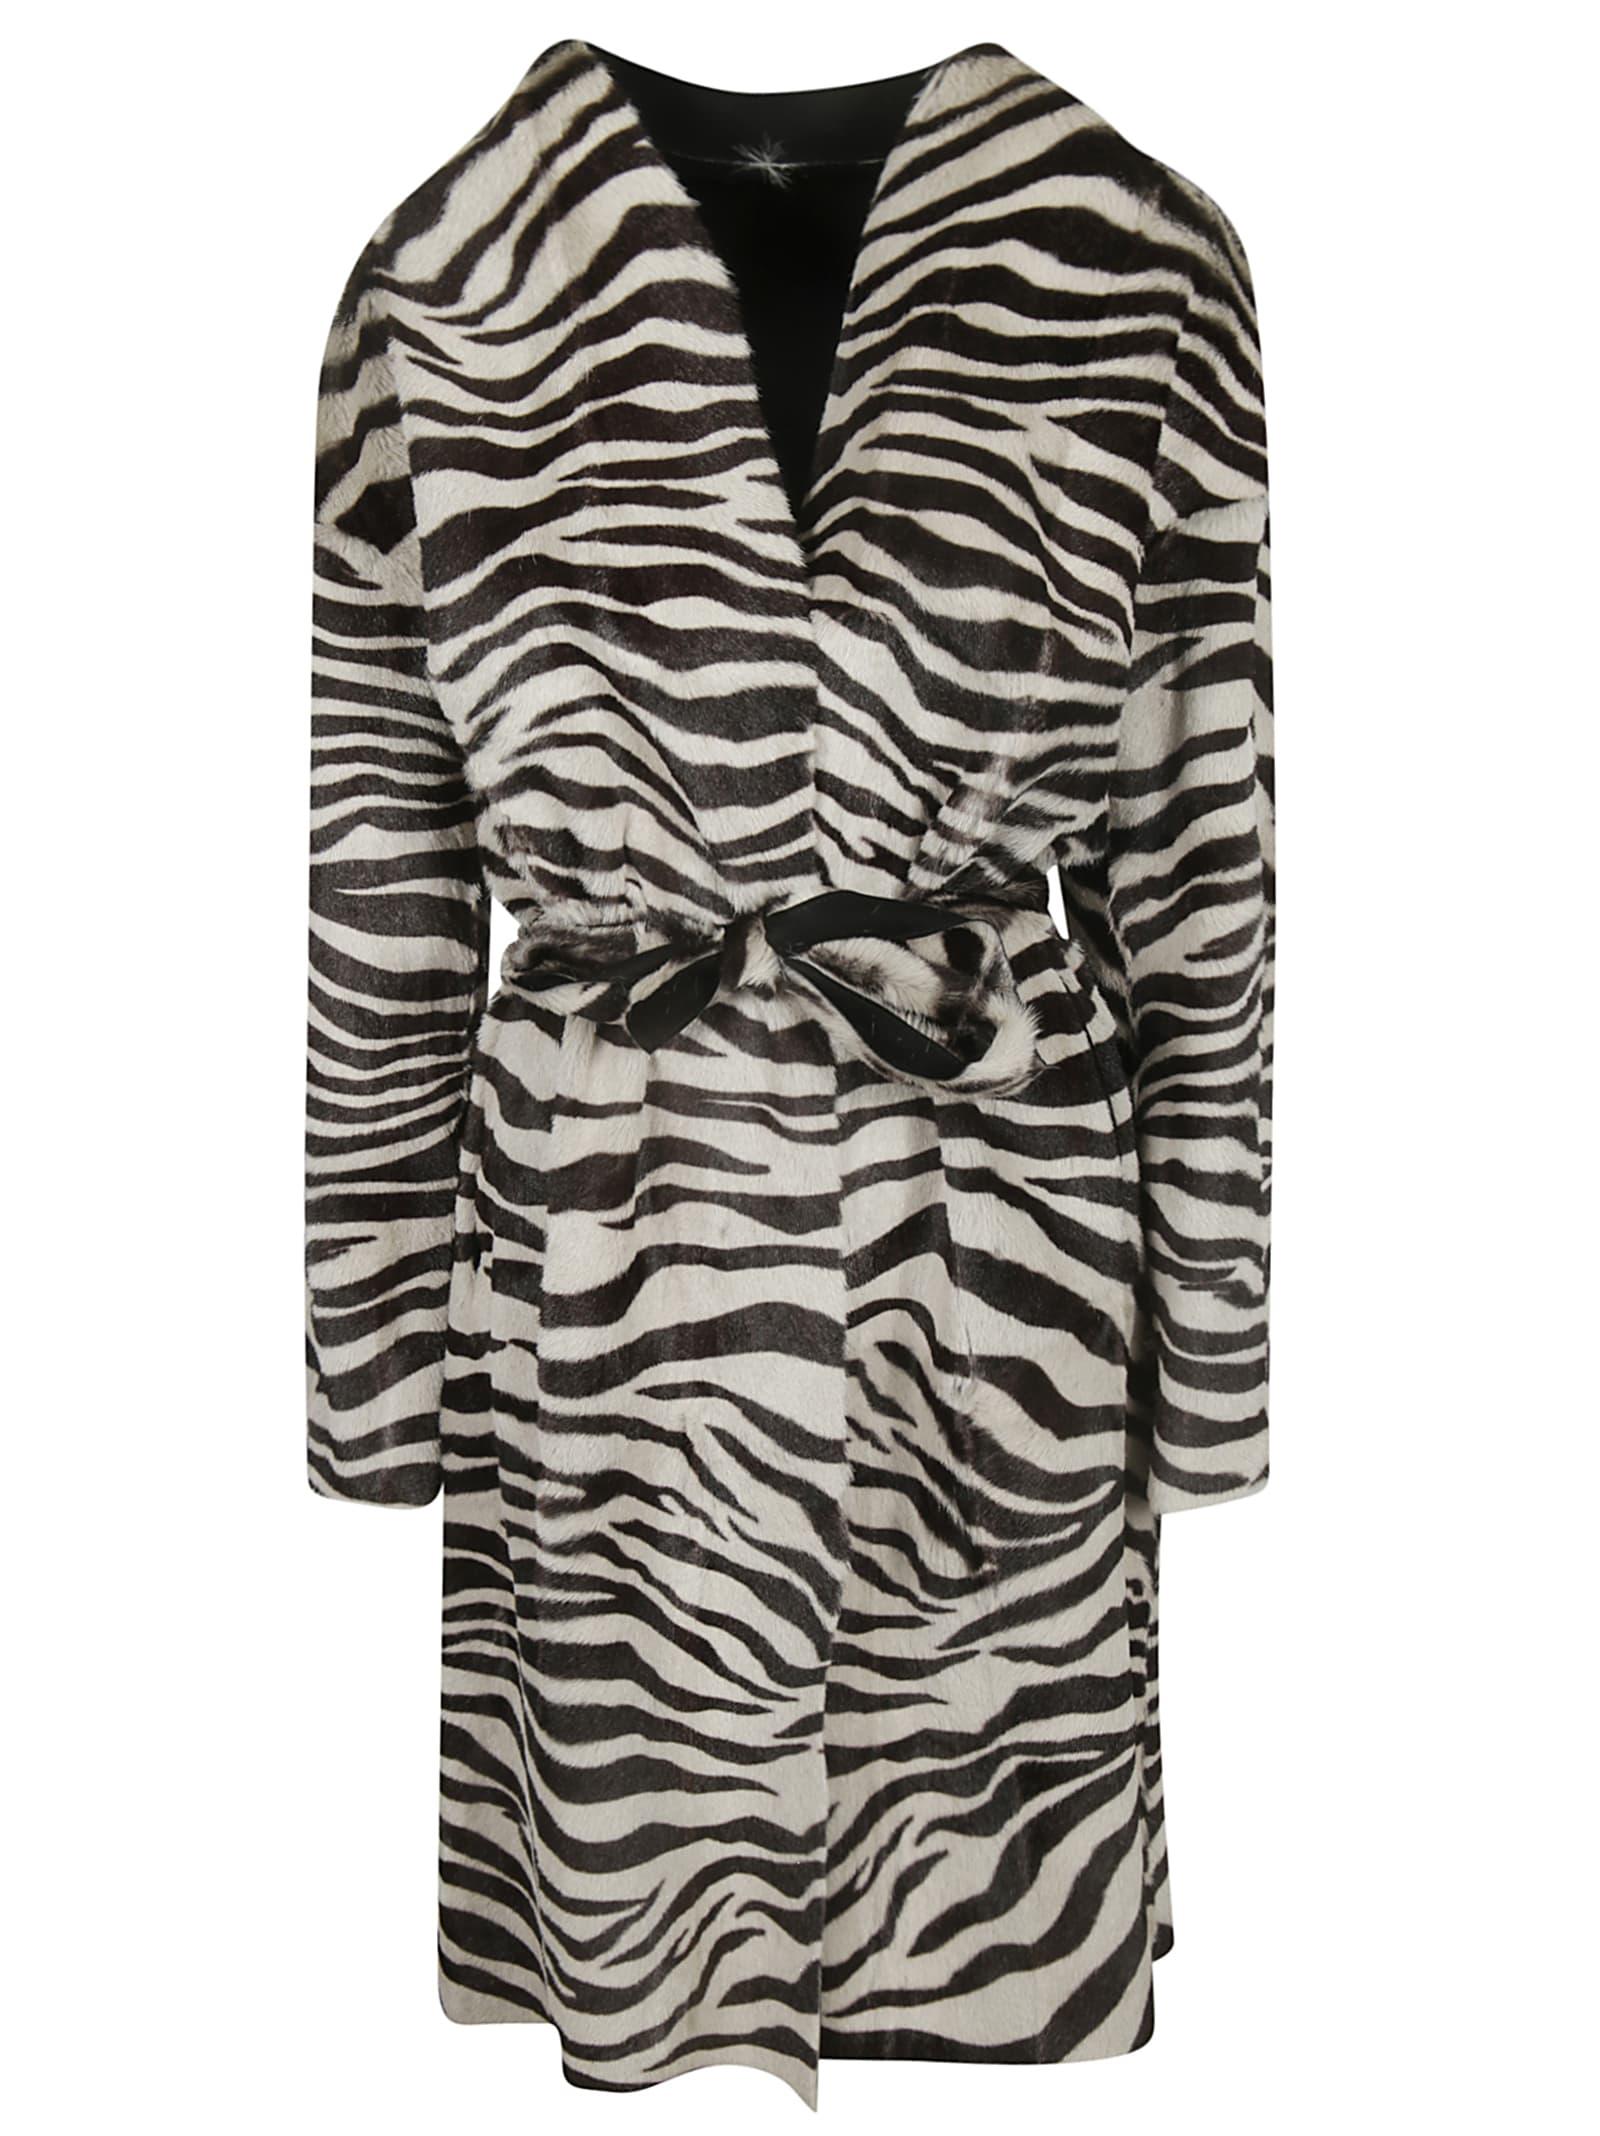 Salvatore Santoro Zebra Print Belted Tie Coat